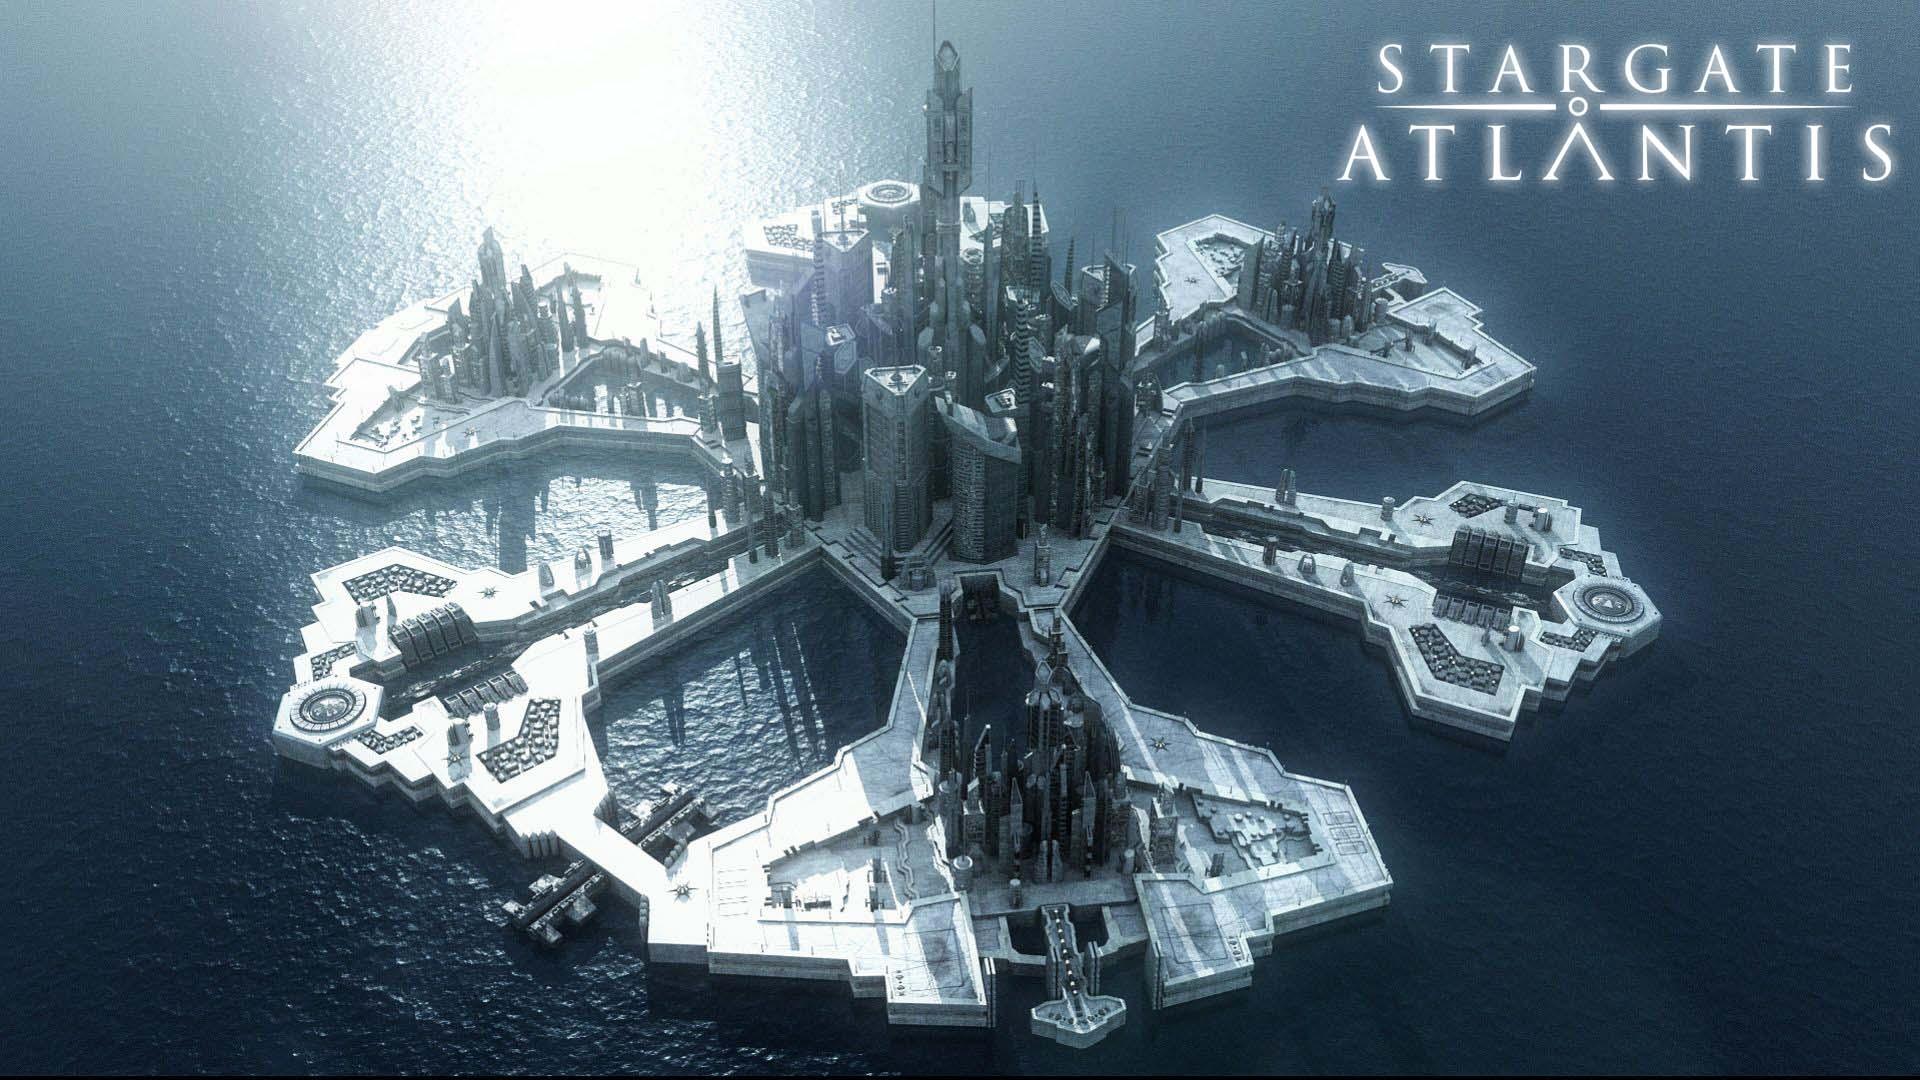 Stargate Atlantis wallpaper 2